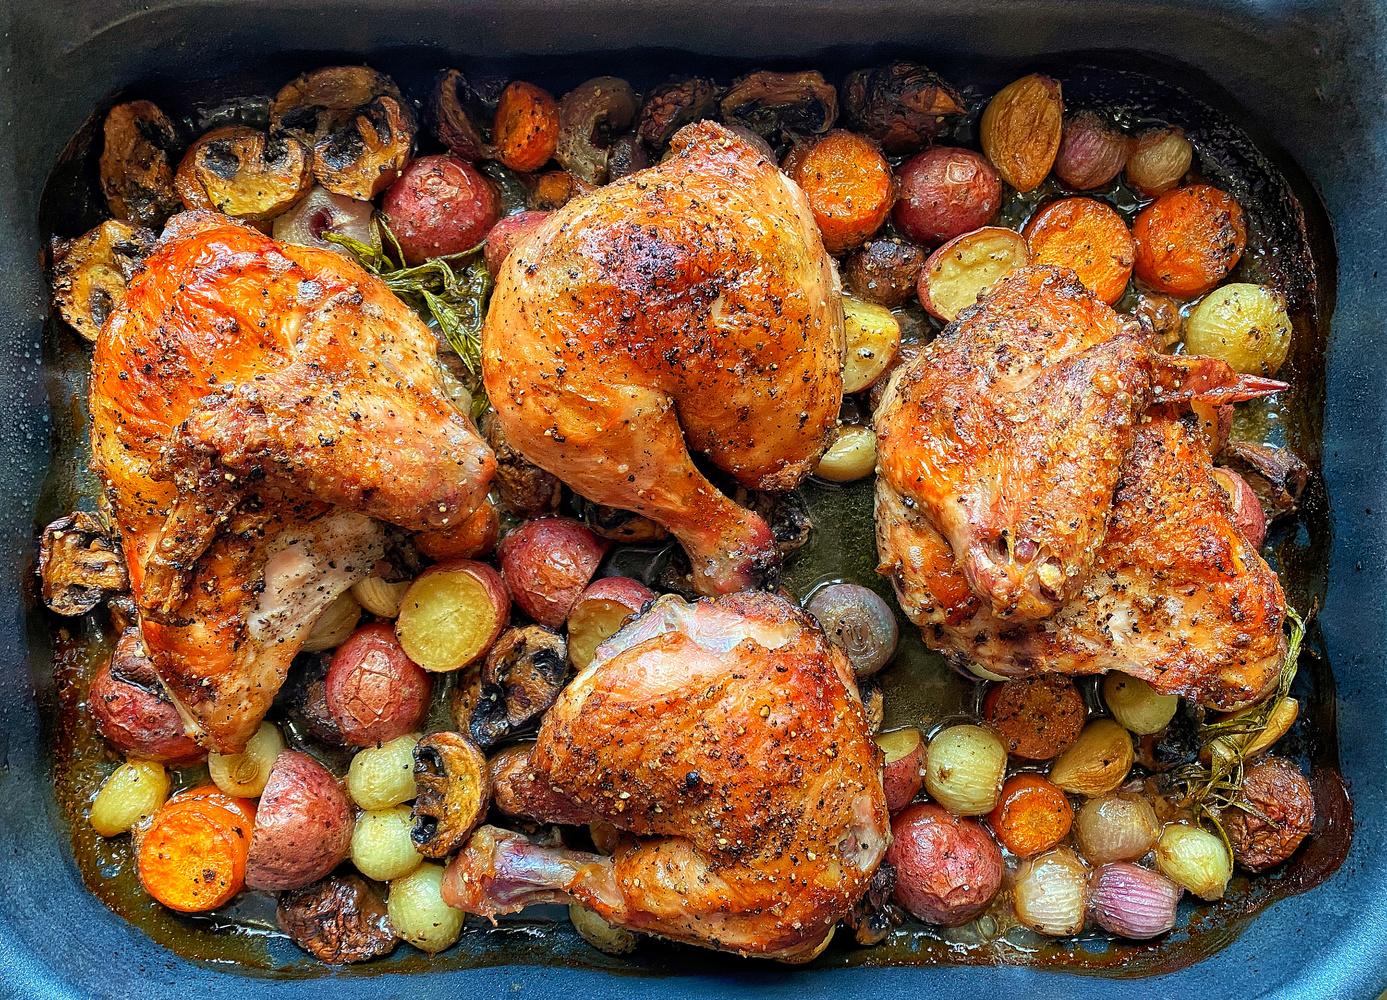 8 hours Chicken by Muhammad Al-Qatam